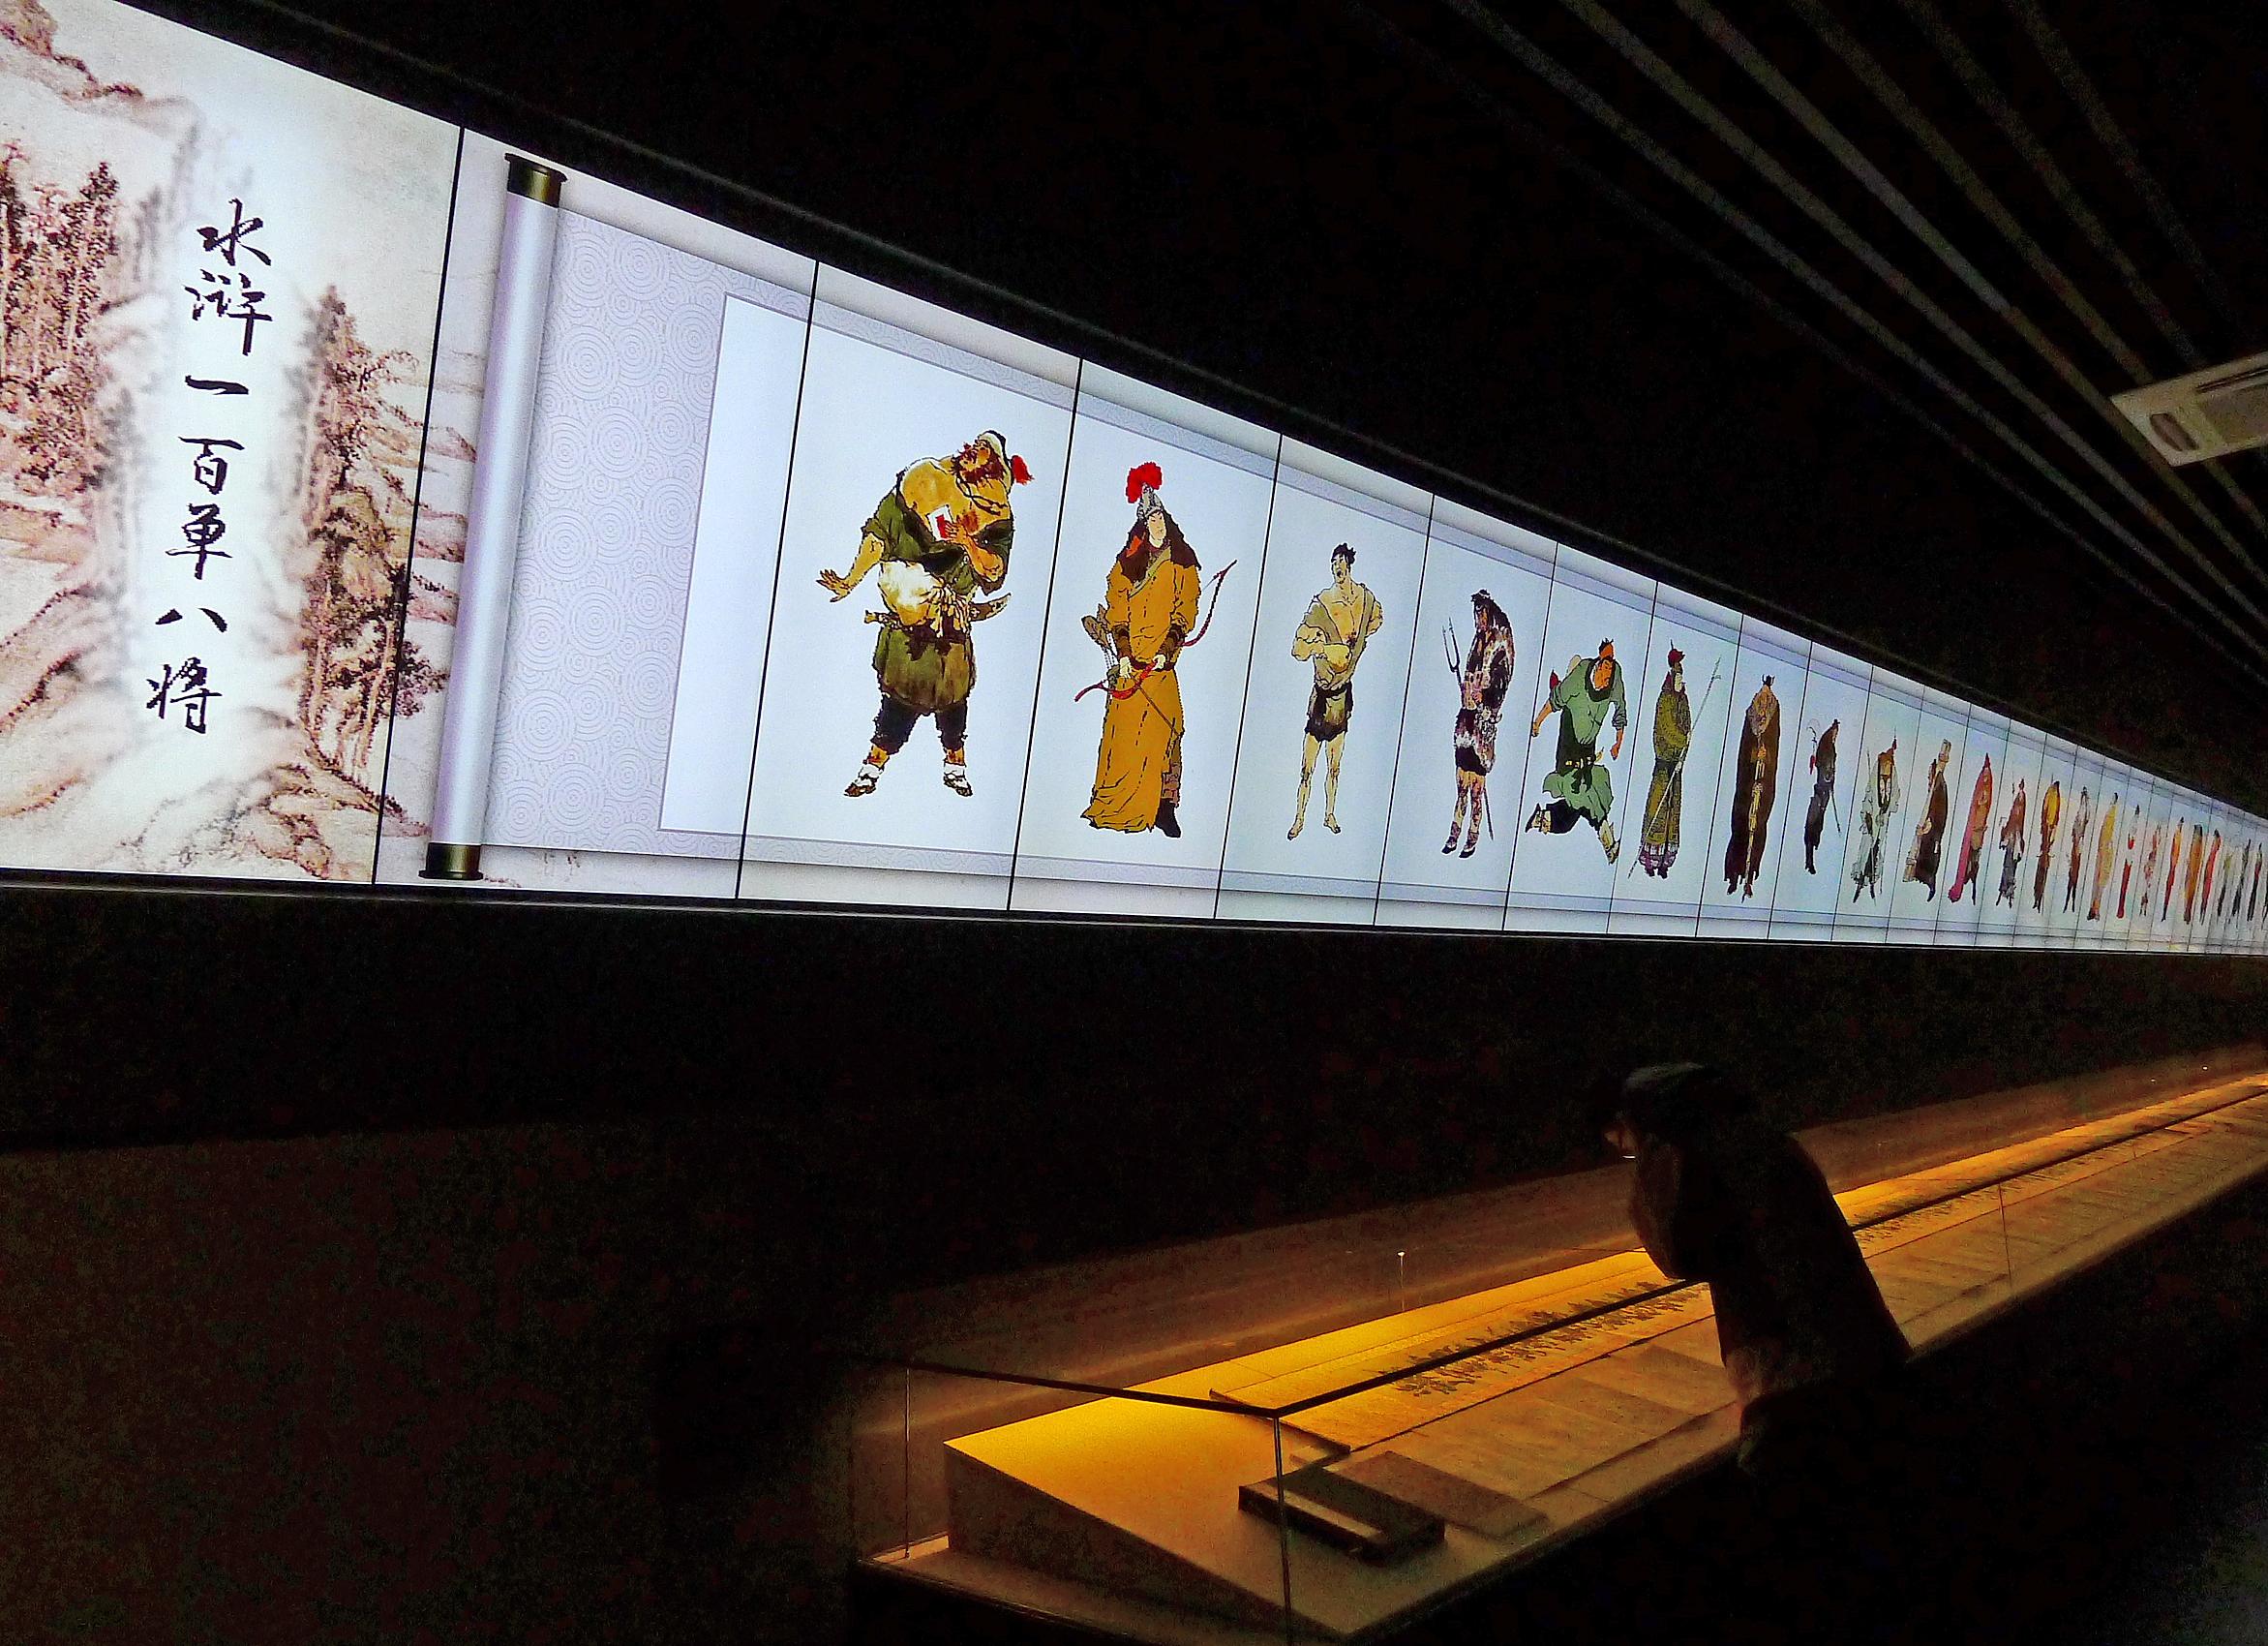 47盐城水浒文化博物馆P1370696.JPG